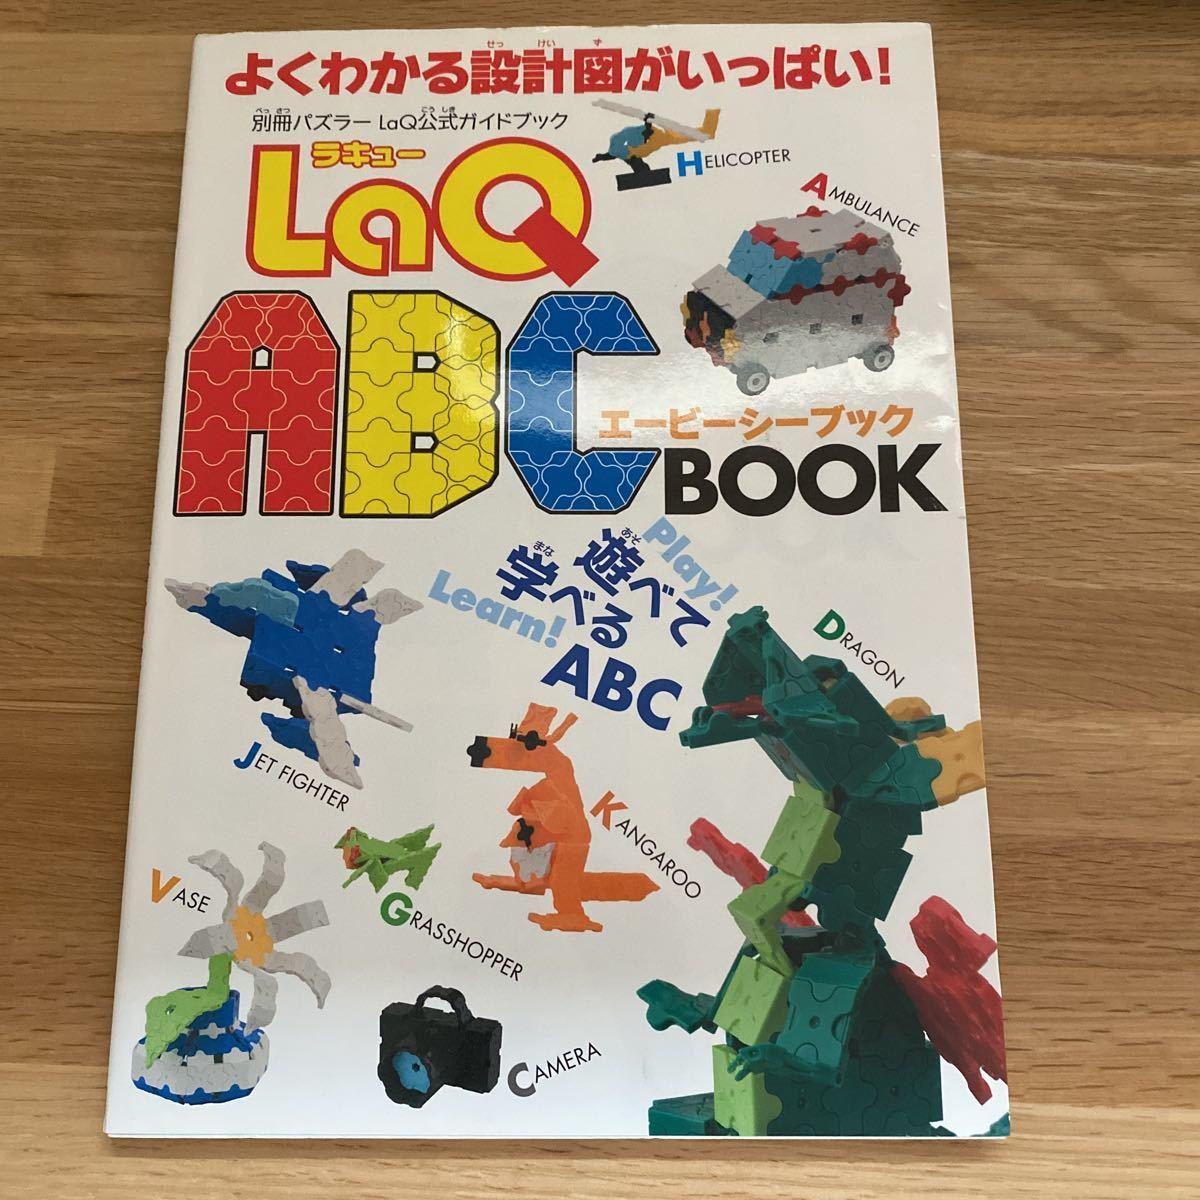 送料無料◇中古◇LaQ ABC BOOK 設計図 ラキュー ヨシリツ LaQ 本 ガイドブック 作り方の本説明書_画像1